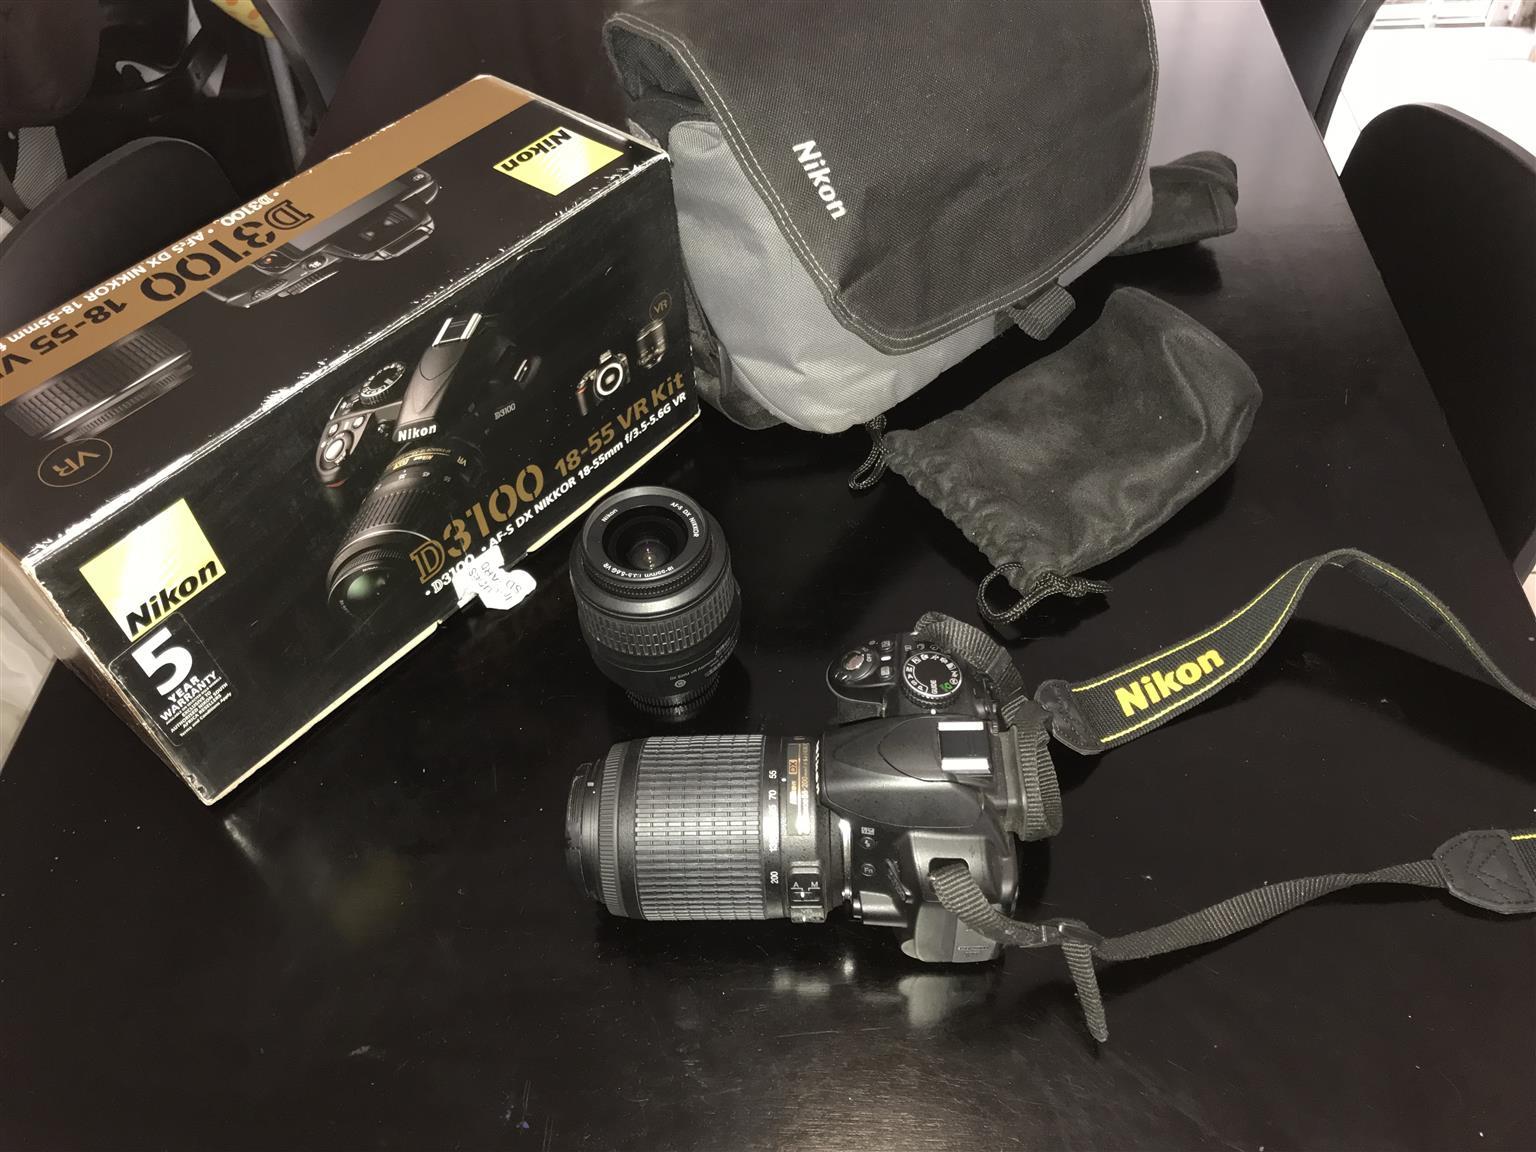 Nikon 3100 18-55 VR kit with carry bag